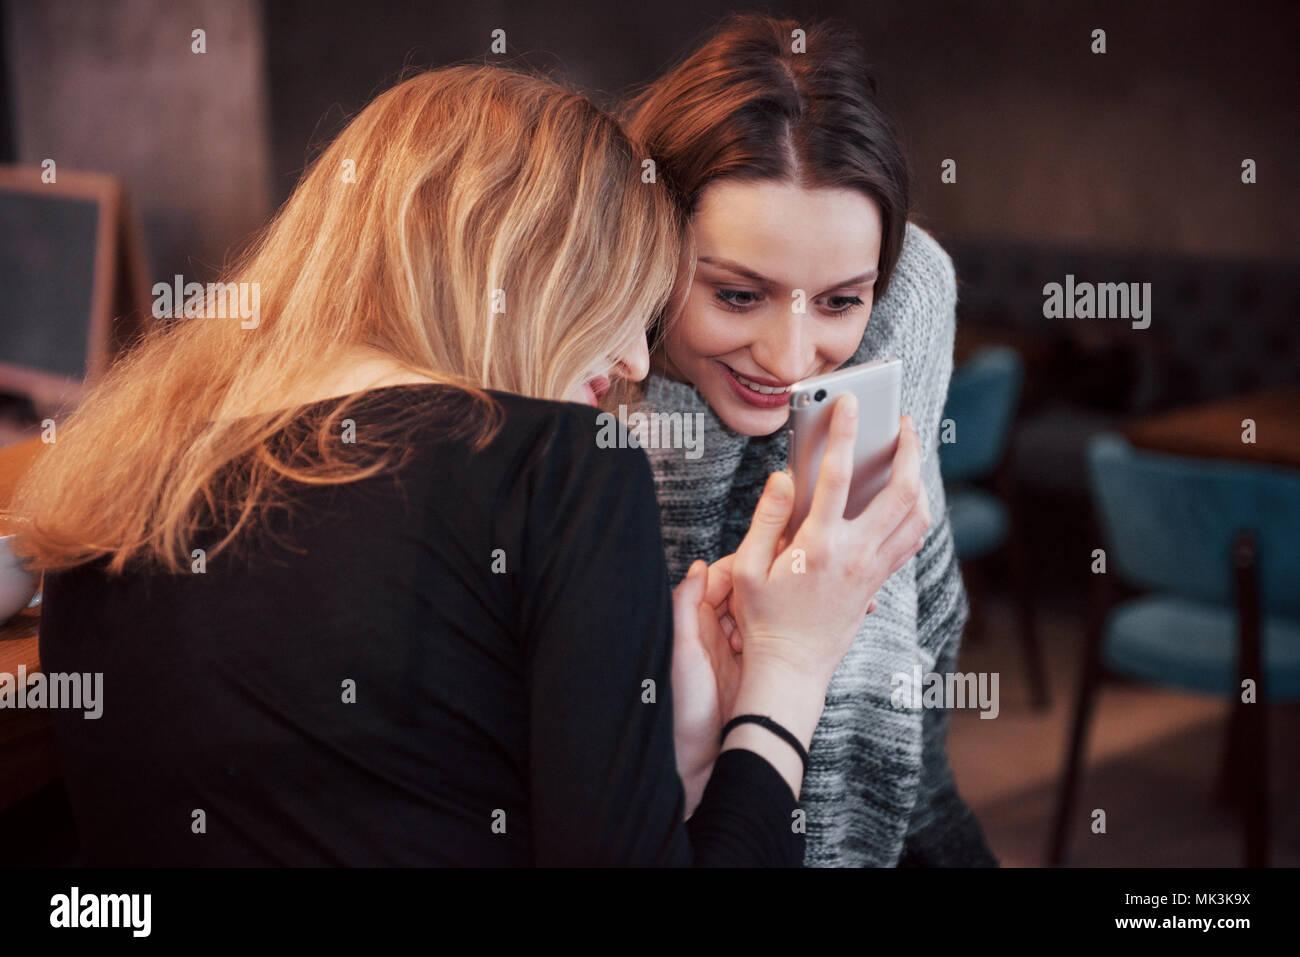 Zwei lächelnde Freunde lesen lustige online auf modernen Telefon sitzend mit leckeren Kaffee im Restaurant chatten. Hipster Mädchen genießen Freizeit im Cafe mit heißen Getränken und Messaging auf zelluläre Stockbild